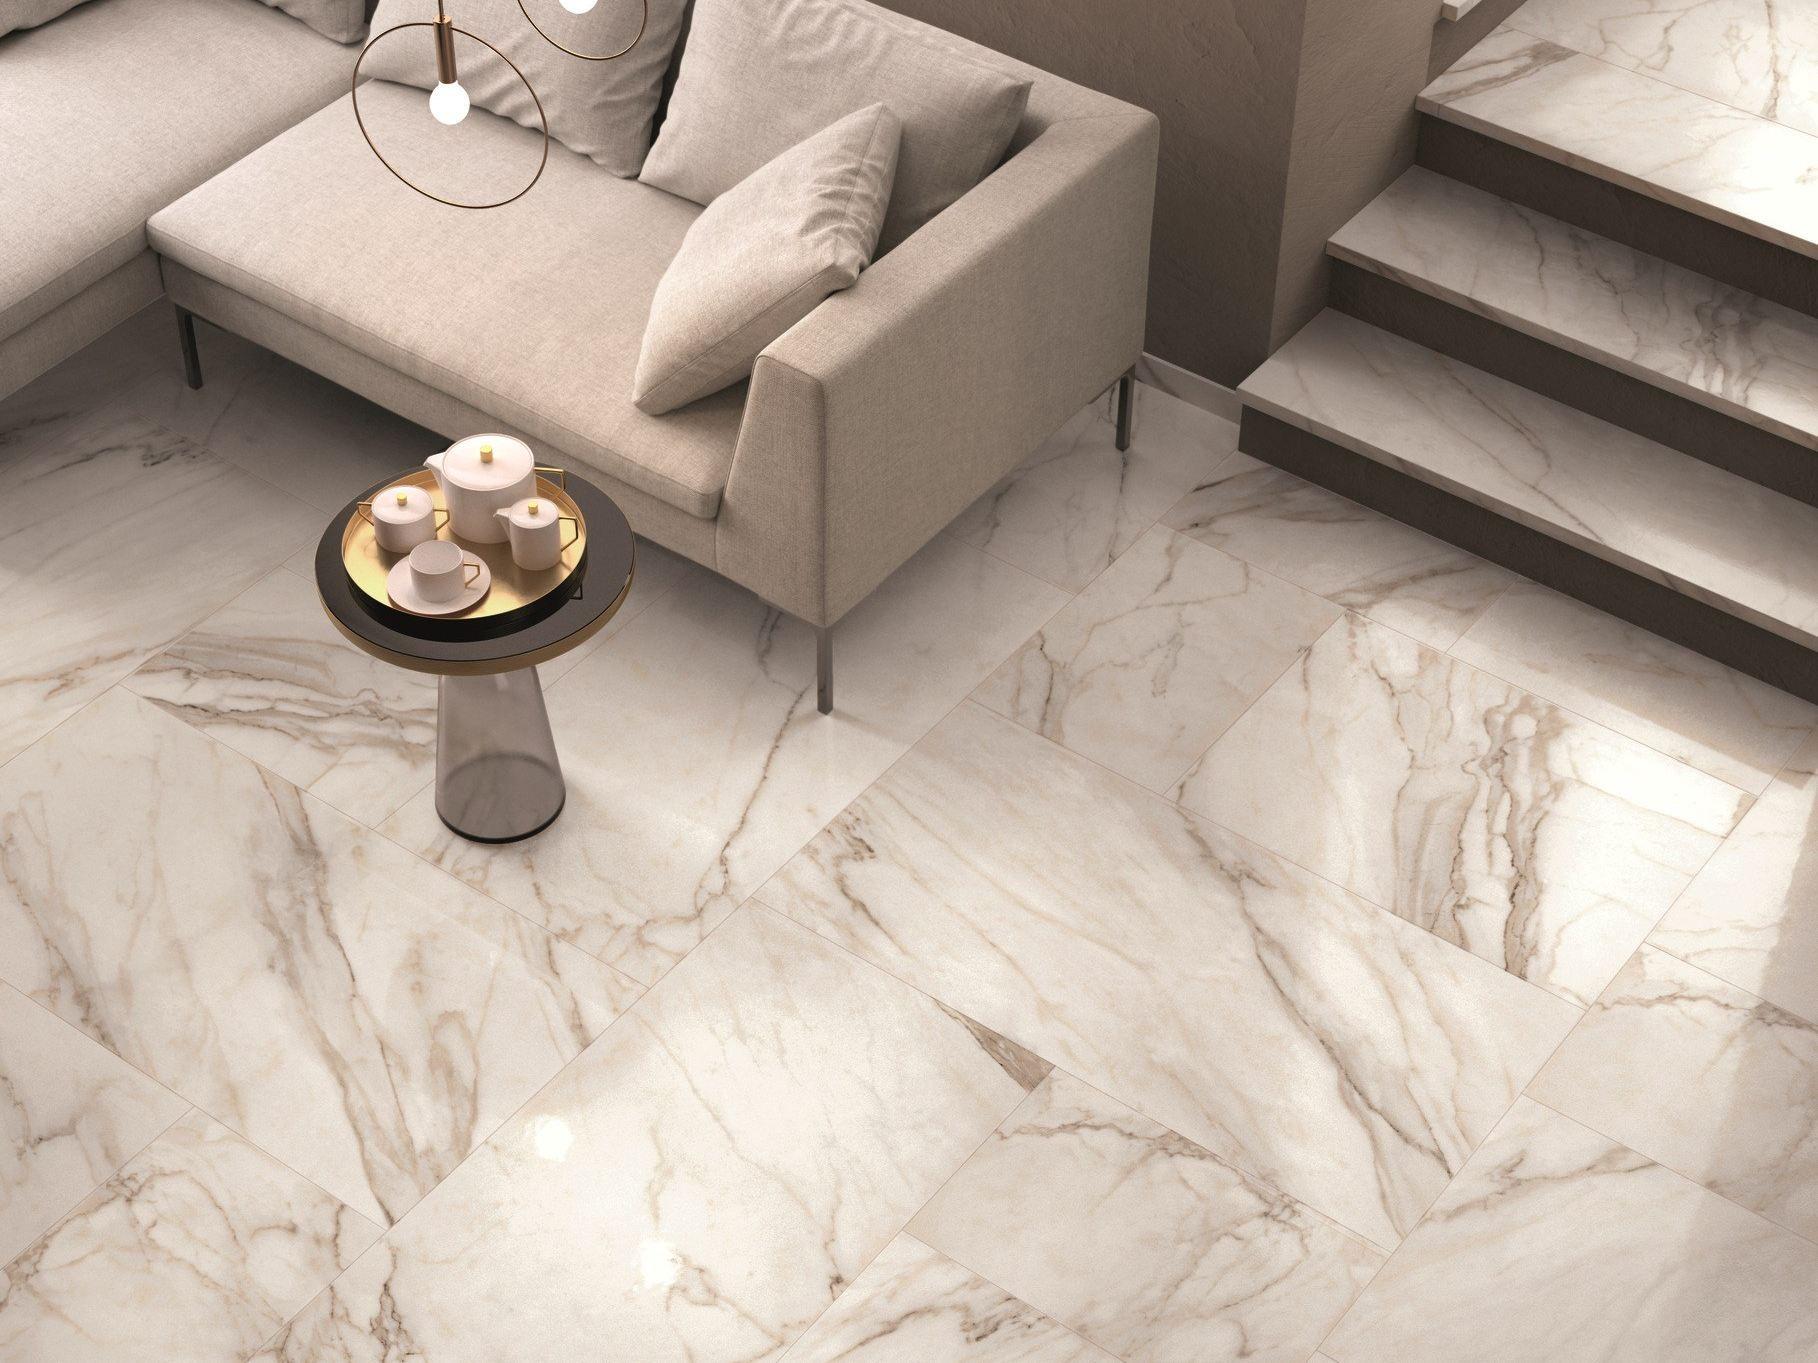 Golden calacatta mix floor anticato a home decor flooring pinterest calacatta stoneware - Flaviker fliesen ...